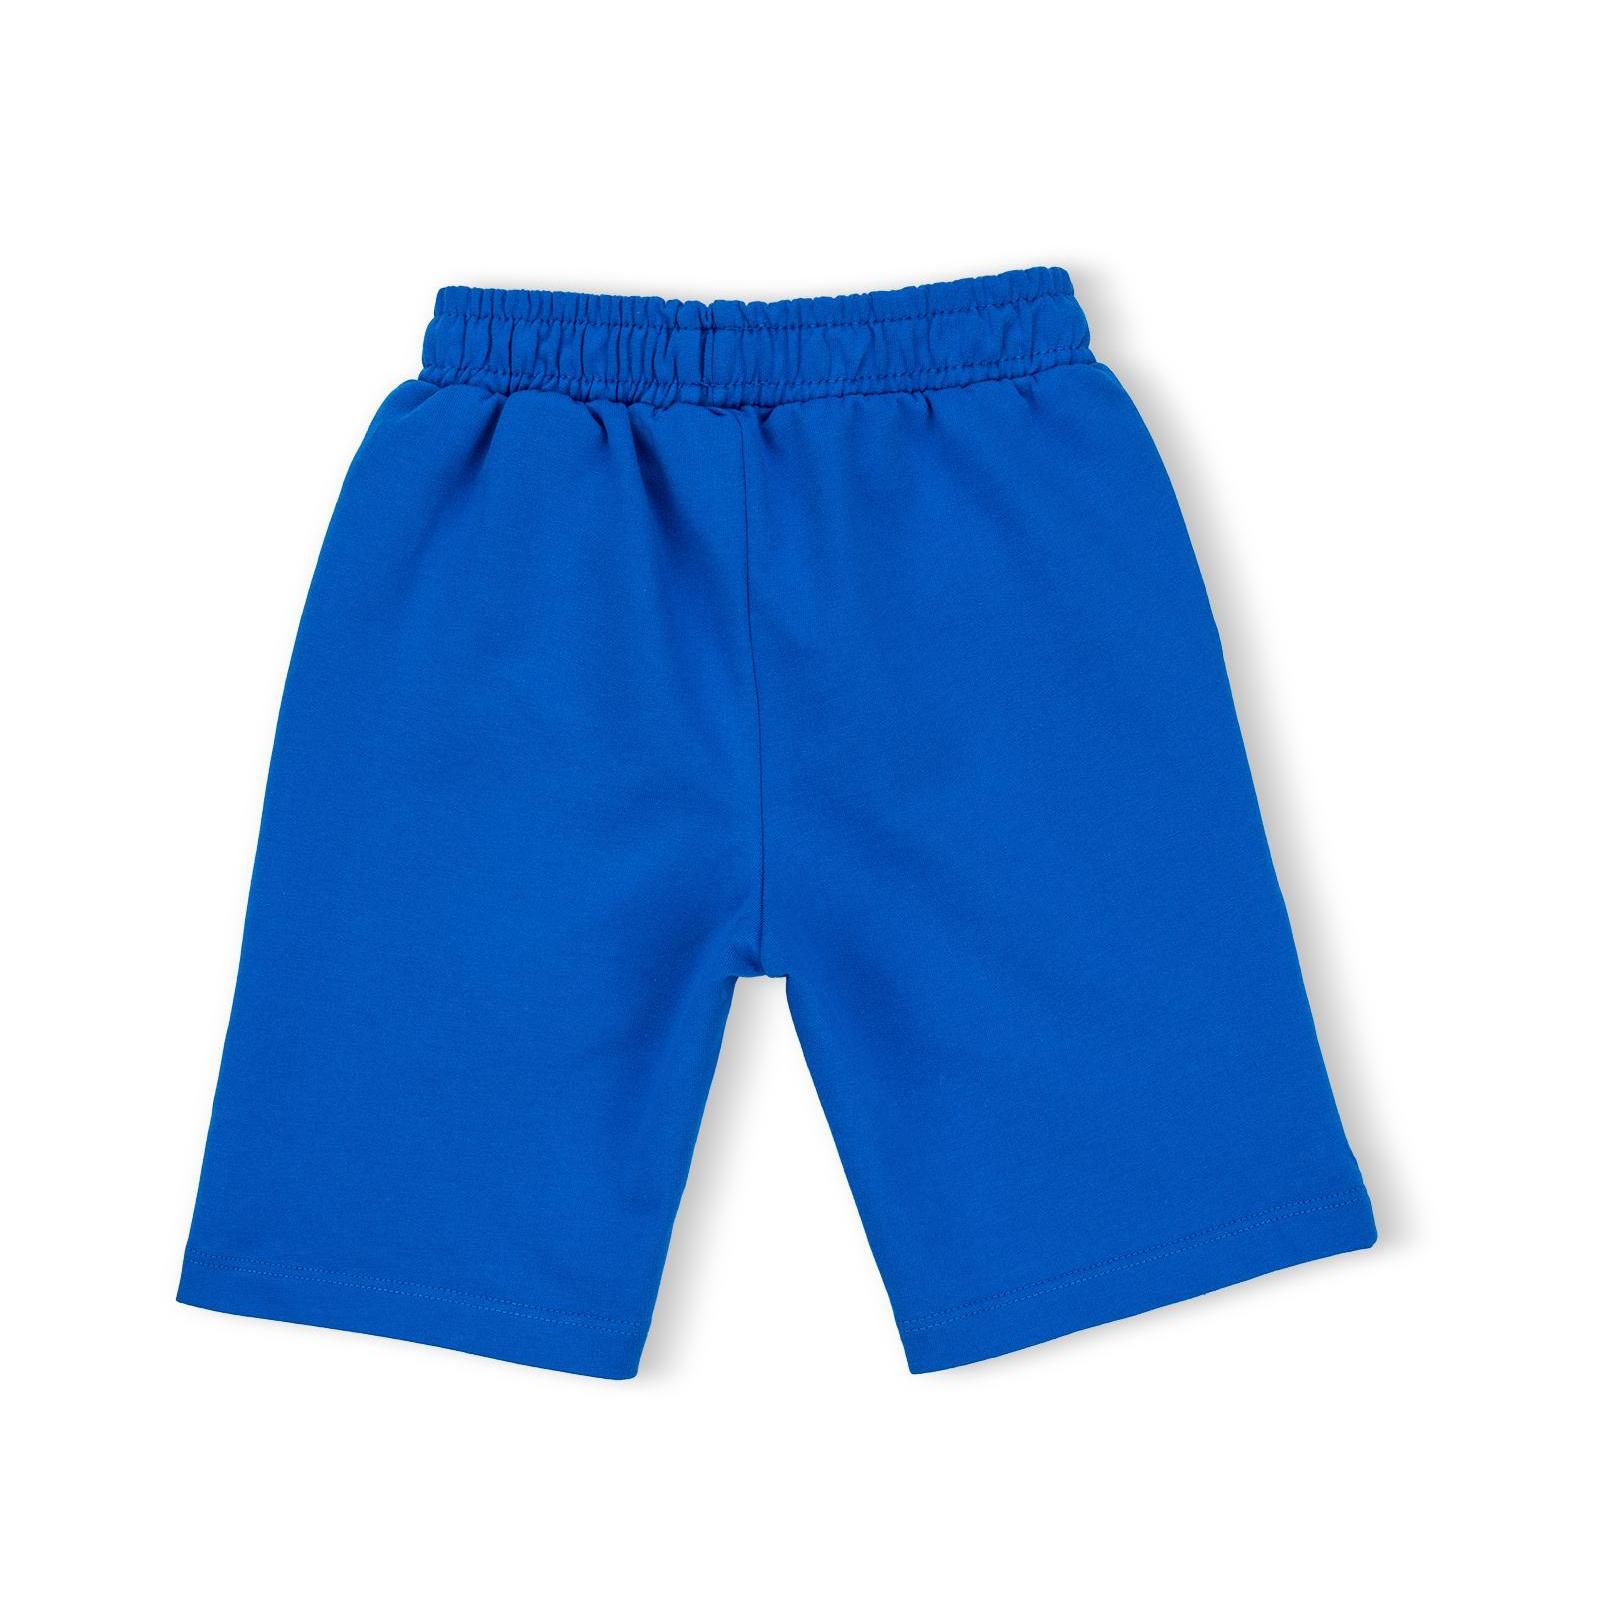 """Футболка детская Breeze с шортами """"AUTHENTIC"""" (10583-92B-blue) изображение 6"""